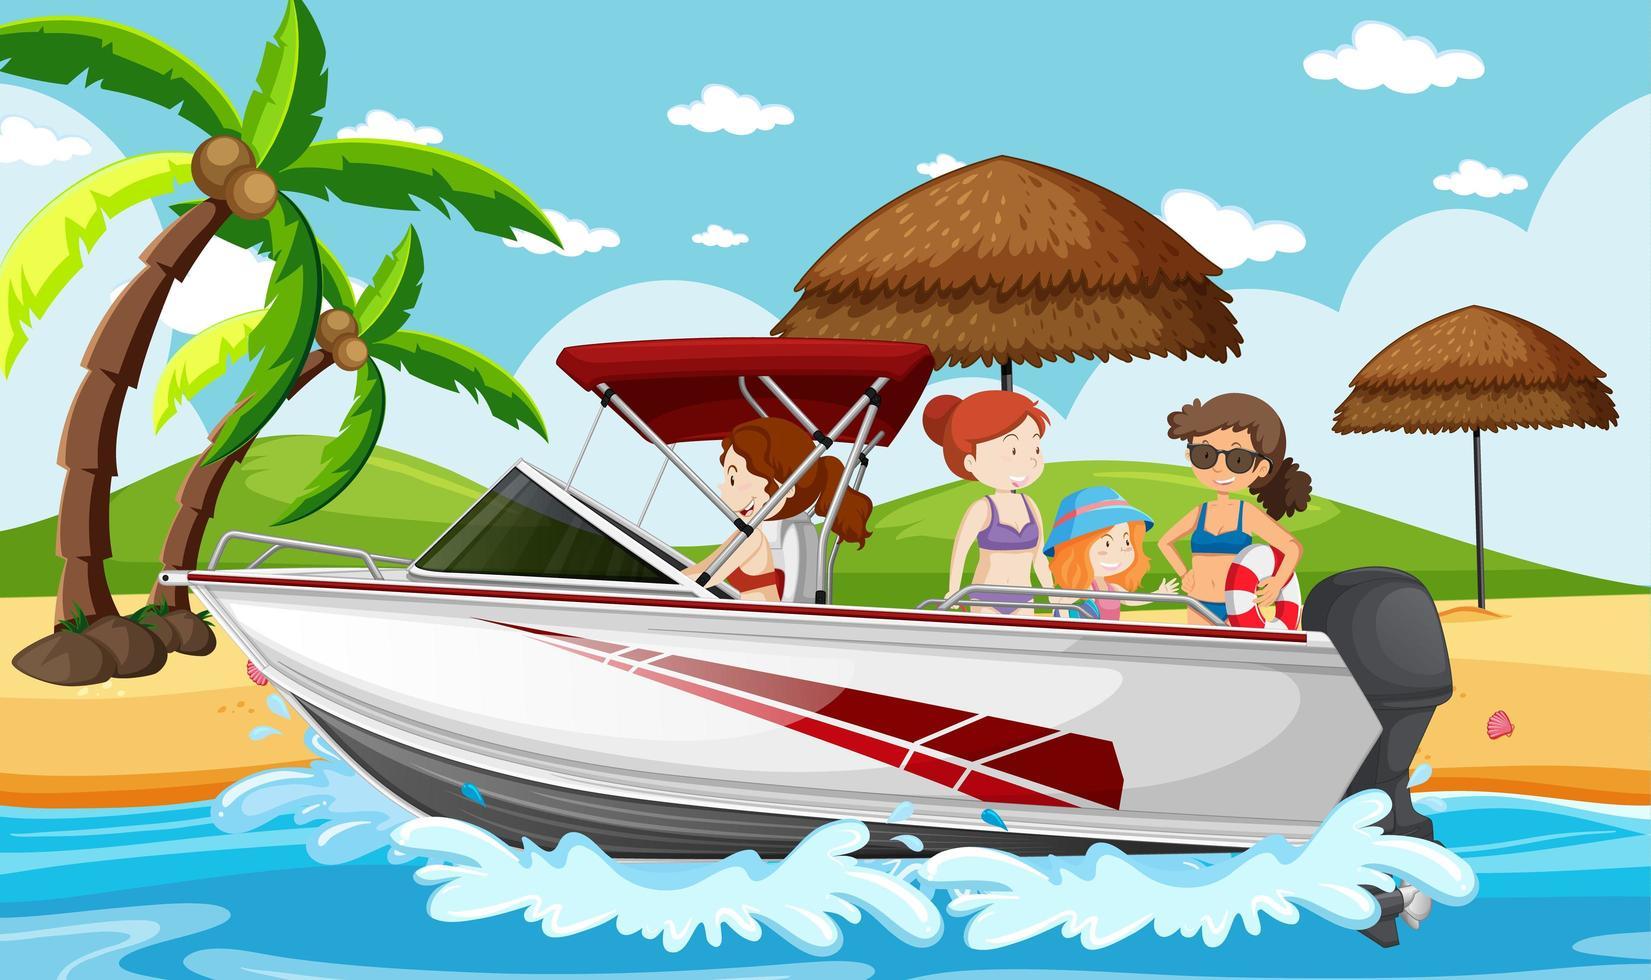 strandscen med människor på en snabbbåt vektor